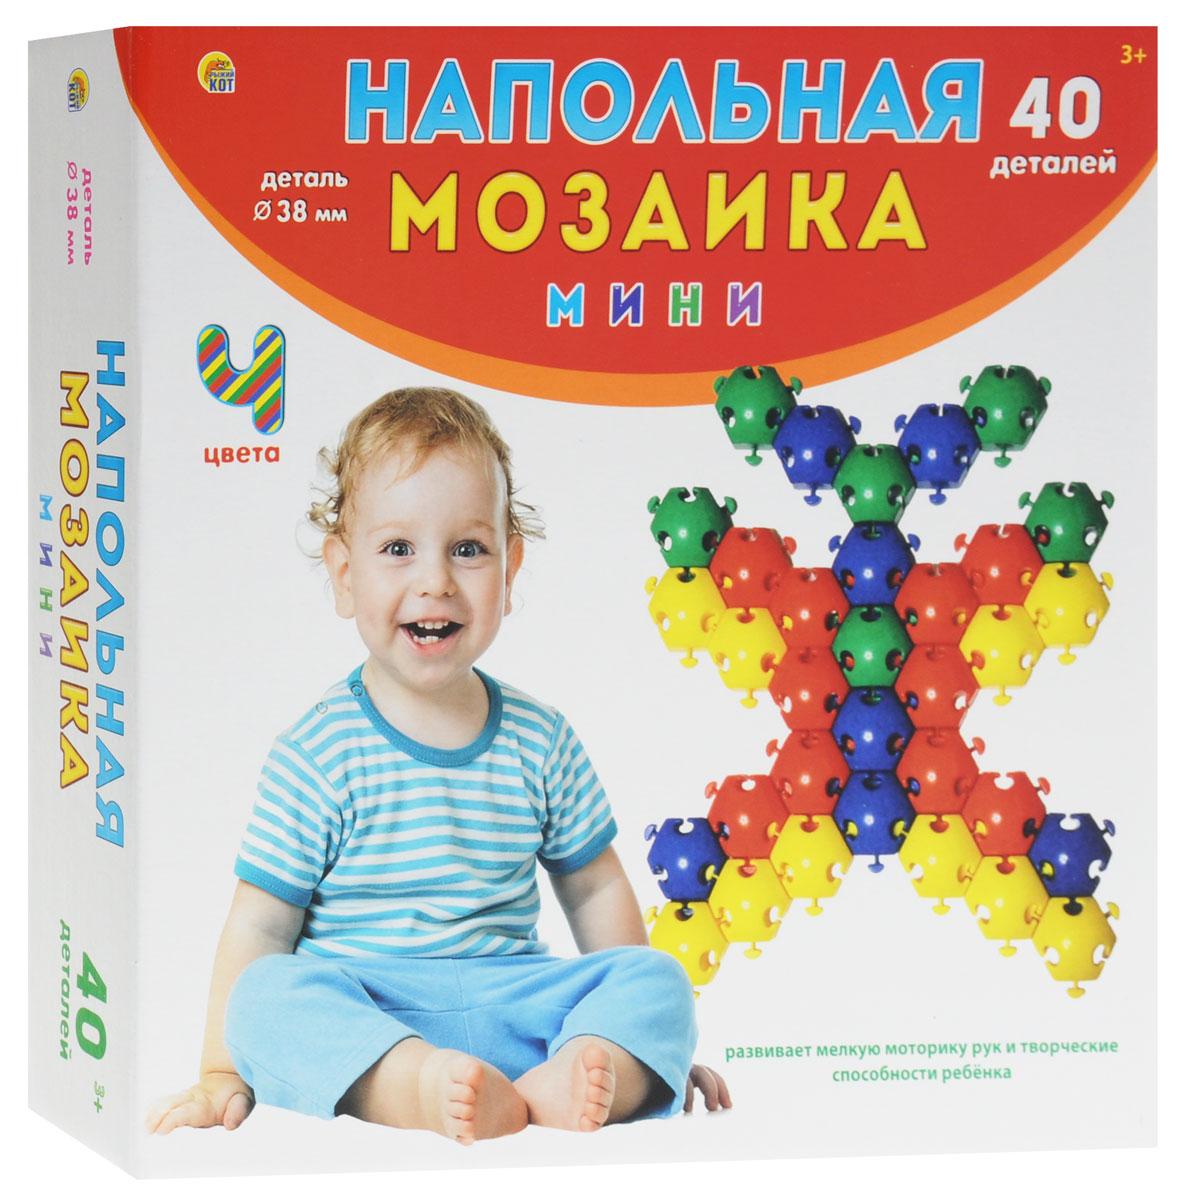 Рыжий Кот Мозаика напольная 40 элементовМ-0718Напольная мозаика Рыжий Кот - увлекательная развивающая игра для самых маленьких! Она развивает у ребёнка творческие способности, воображение, мелкую моторику рук, воображение, координацию движений. Эта мозаика открывает перед малышом неограниченные возможности создания собственных композиций. Конструкция мозаики позволяет с лёгкостью скреплять и фиксировать детали, которые состоят из высококачественных материалов, абсолютно безопасных для здоровья ребёнка. В комплекте 40 деталей.